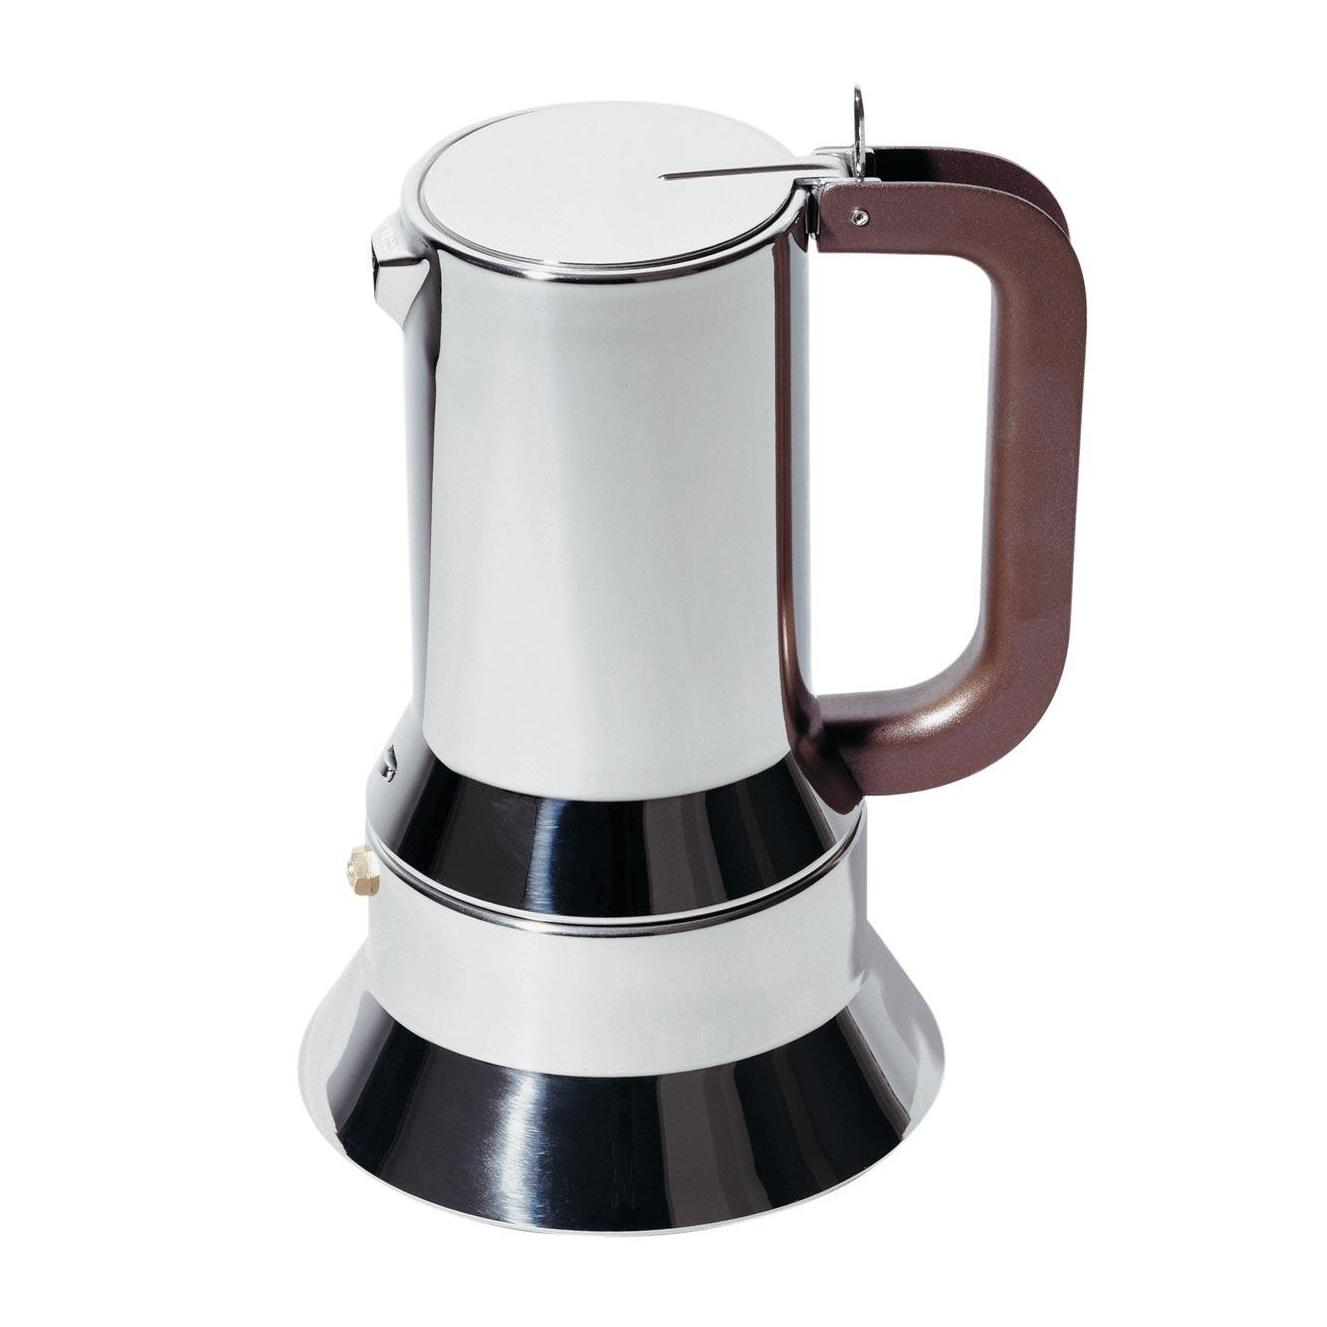 Alessi - 9090/M Espressomaschine - edelstahl 18/10/glänzend poliert/10 Tassen/für Induktionsherde geeignet | Küche und Esszimmer > Kaffee und Tee > Espressomaschinen | Alessi